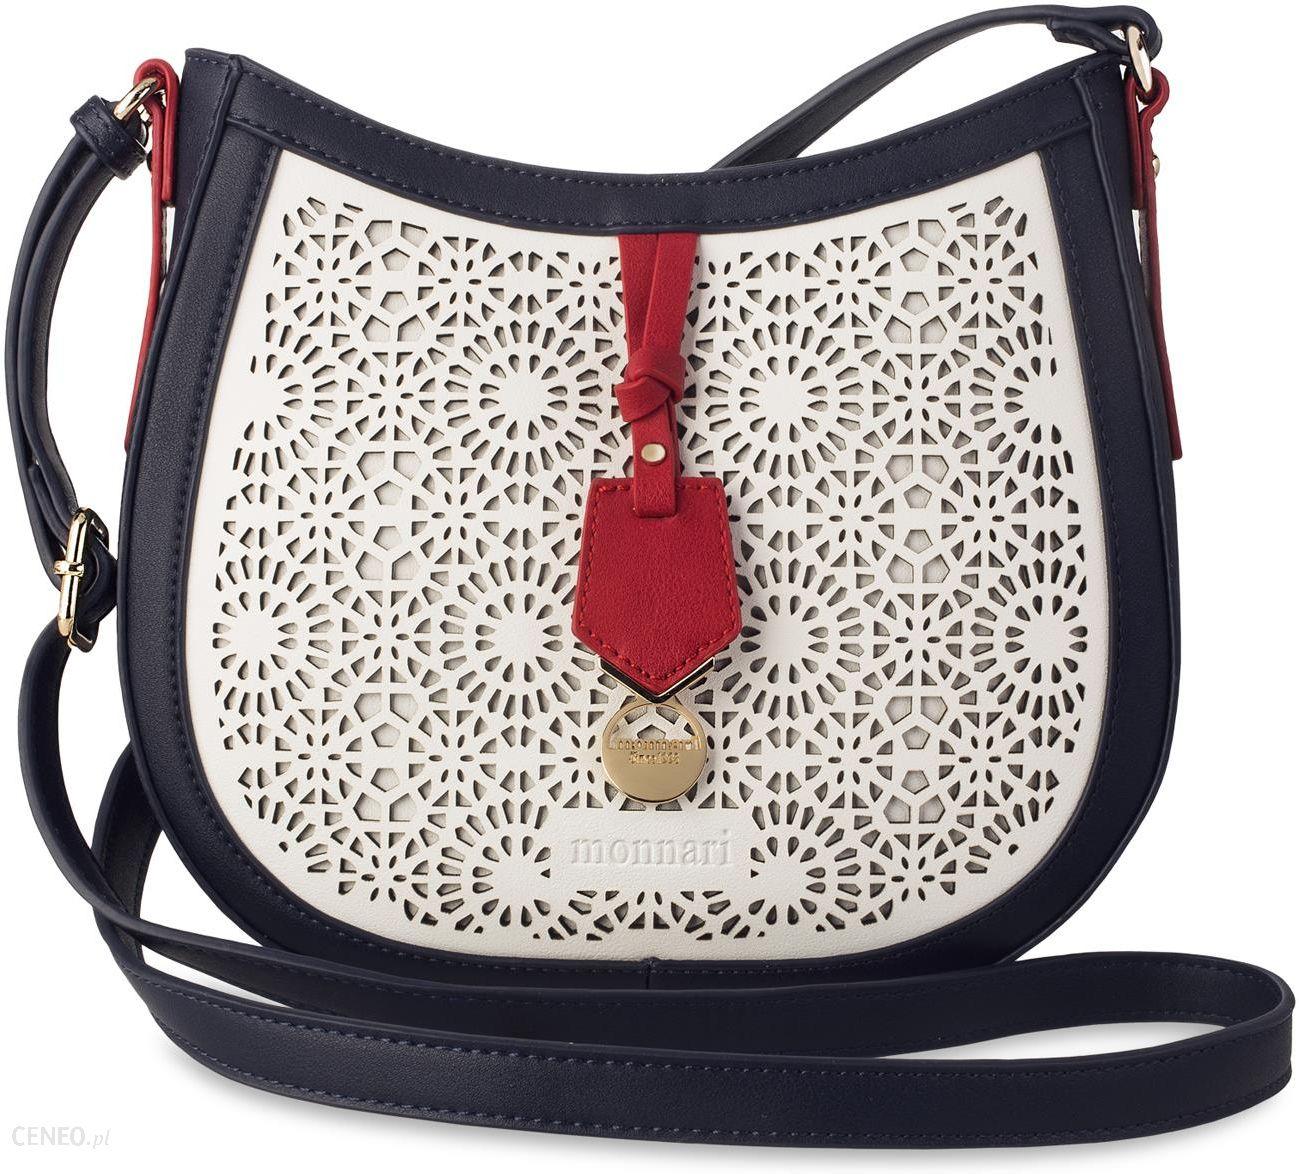 0e0ddf68809a9 Ażurowa listonoszka raportówka monnari oryginalna torebka damska z  kolorowymi wstawkami - granatowo-biało-czerwony